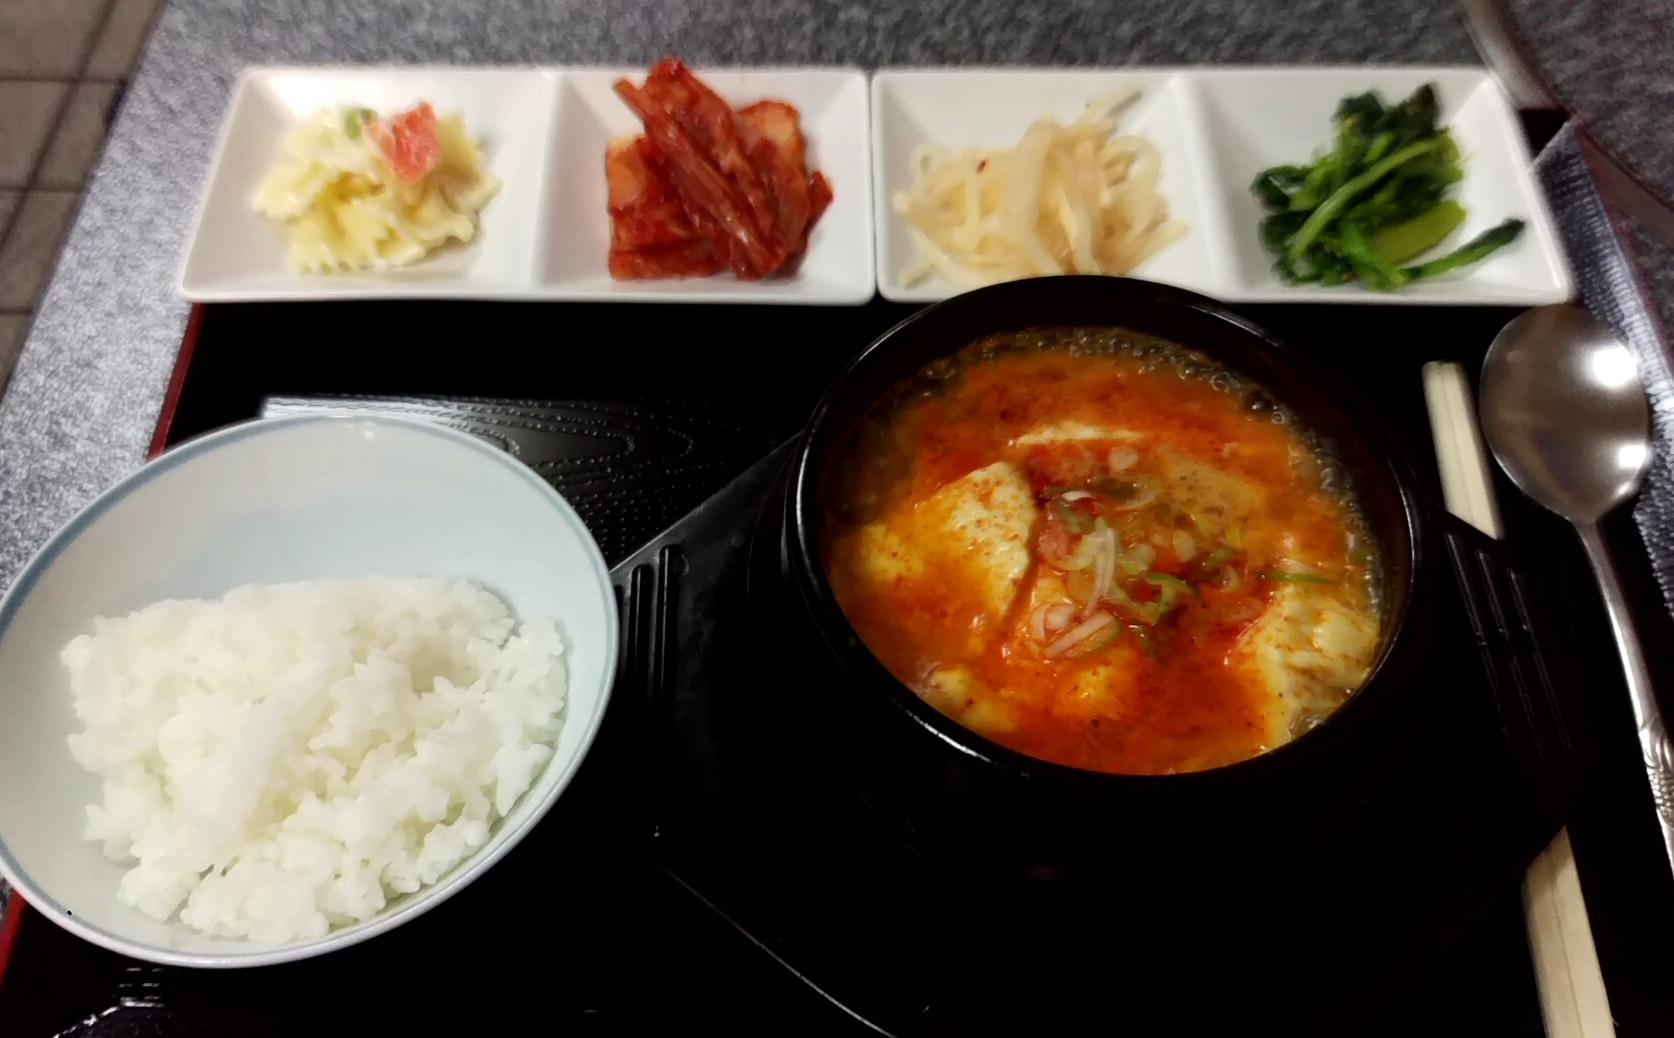 チゲ鍋定食(ごはん半分)@とんがらしさん